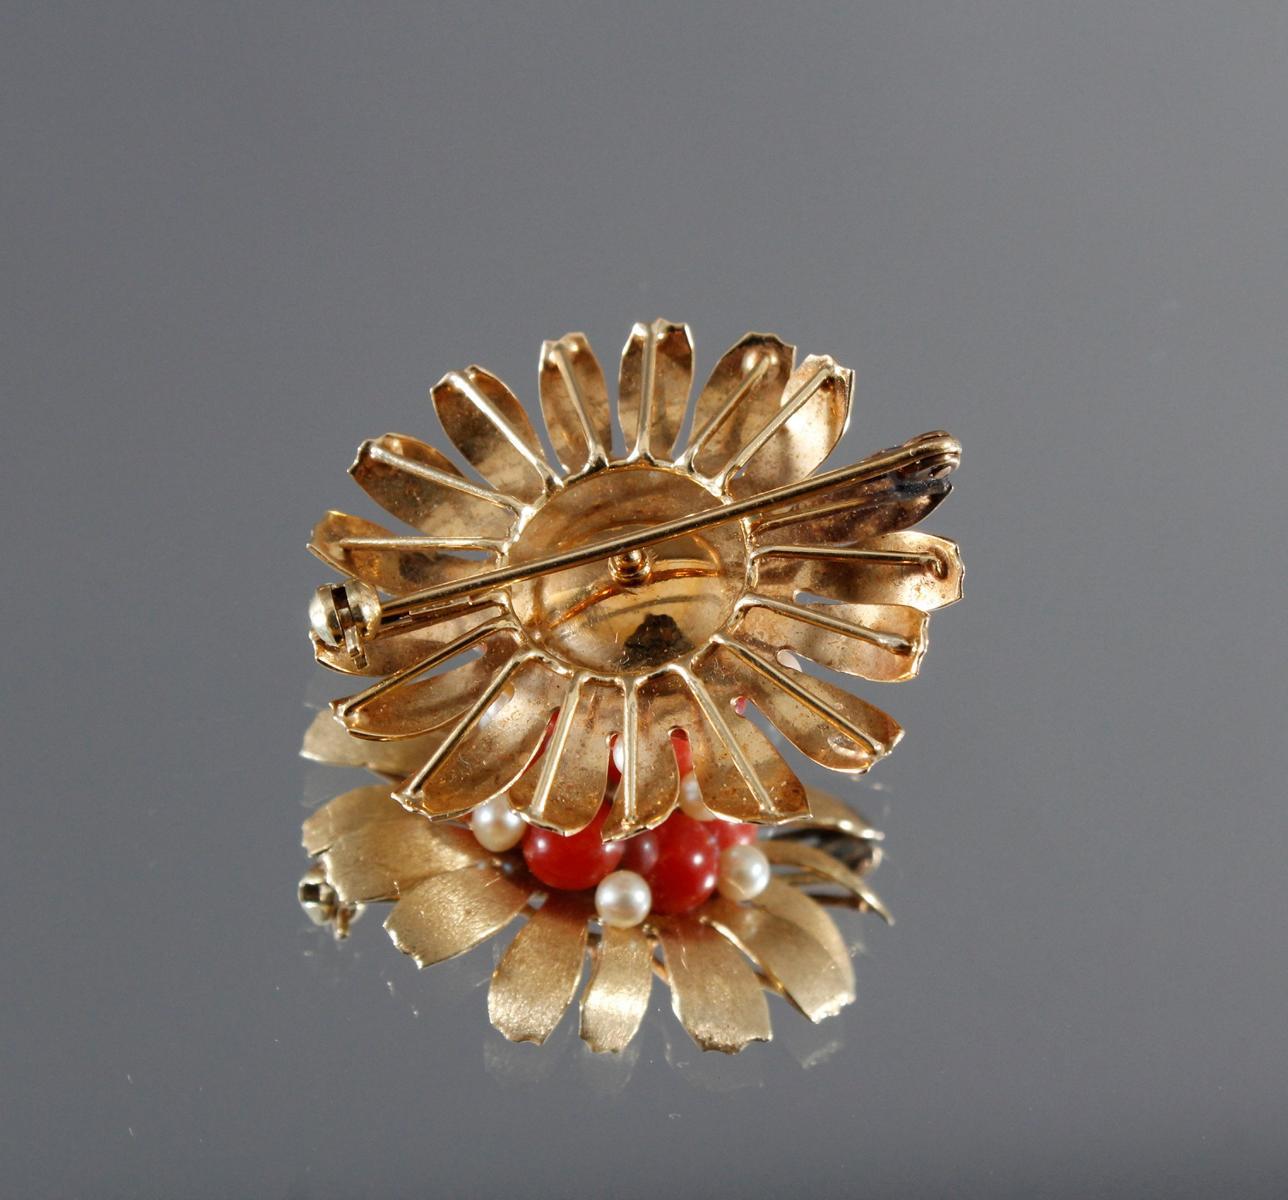 Brosche aus 14 kt Gelbgold mit Perlen und roter Koralle-2